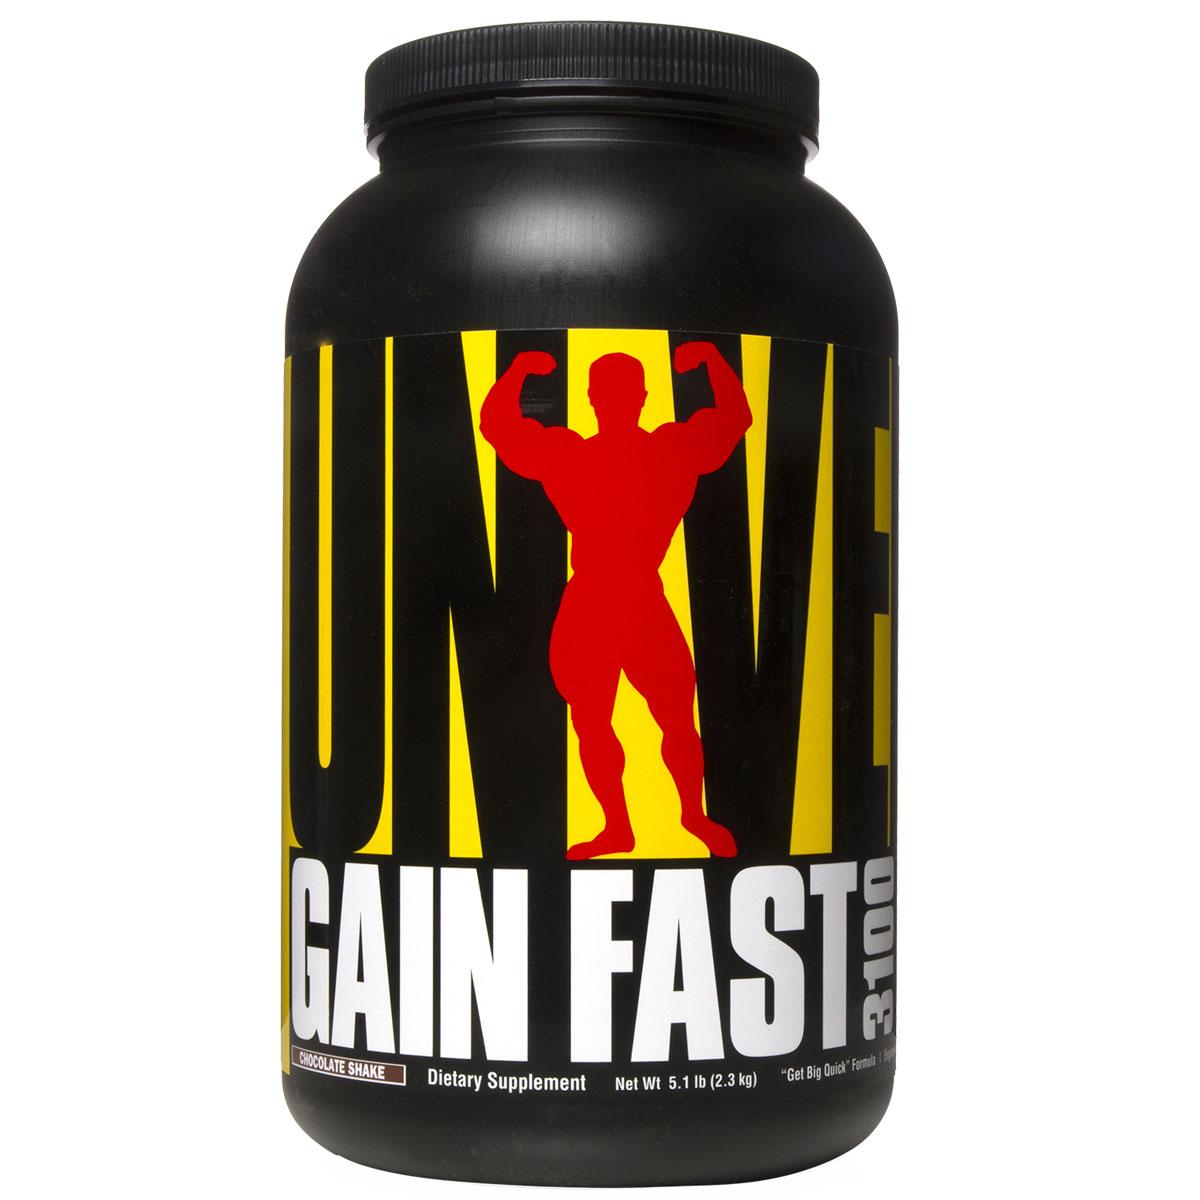 Гейнер UN Gain Fast 3100 5.1lb шоколадU1212GAIN FAST от Universal Nutrition - сверхмощная и наиболее эффективная формула увеличения веса, которая поможет Вам построить массивную жесткую мускулатуру. GAIN FAST - это первый увеличивающий вес препарат с синергической формулой (формулой взаимно усиливающего действия компонентов). Этот превосходный продукт содержит богатые белками питательные вещества, а также активные анаболические факторы (такие как колострум IGF, аргинин пироглутамат, хром и многие другие), которые воздействуют непосредственно на зоны роста мышечных клеток. GAIN FAST от Universal Nutrition имеет уникальную 3100 калорийную формулу Get-Big-Quick, высочайшая концентрация калорий которой позволяет чрезвычайно быстро нарастить мышечную массу. Высокое содержание калорий в комбинации с превосходными разветвленными аминокислотами, факторами, оптимизирующими метаболизм и анаболическими агентами позволяют Вашему организму нарастить невероятную мышечную массу, максимально активизируя синтез мышечного белка и сводя к минимуму распад мышечных тканей. Рекомендации по применению:Принимайте одну порцию между завтраком и обедом, одну порцию за 1-1,5 часа перед тренировкой. Рекомендации по приготовлению:смешать 5 мерных ложек (229г) порошка с 450 г воды или нежирного молока.Как повысить эффективность тренировок с помощью спортивного питания? Статья OZON Гид